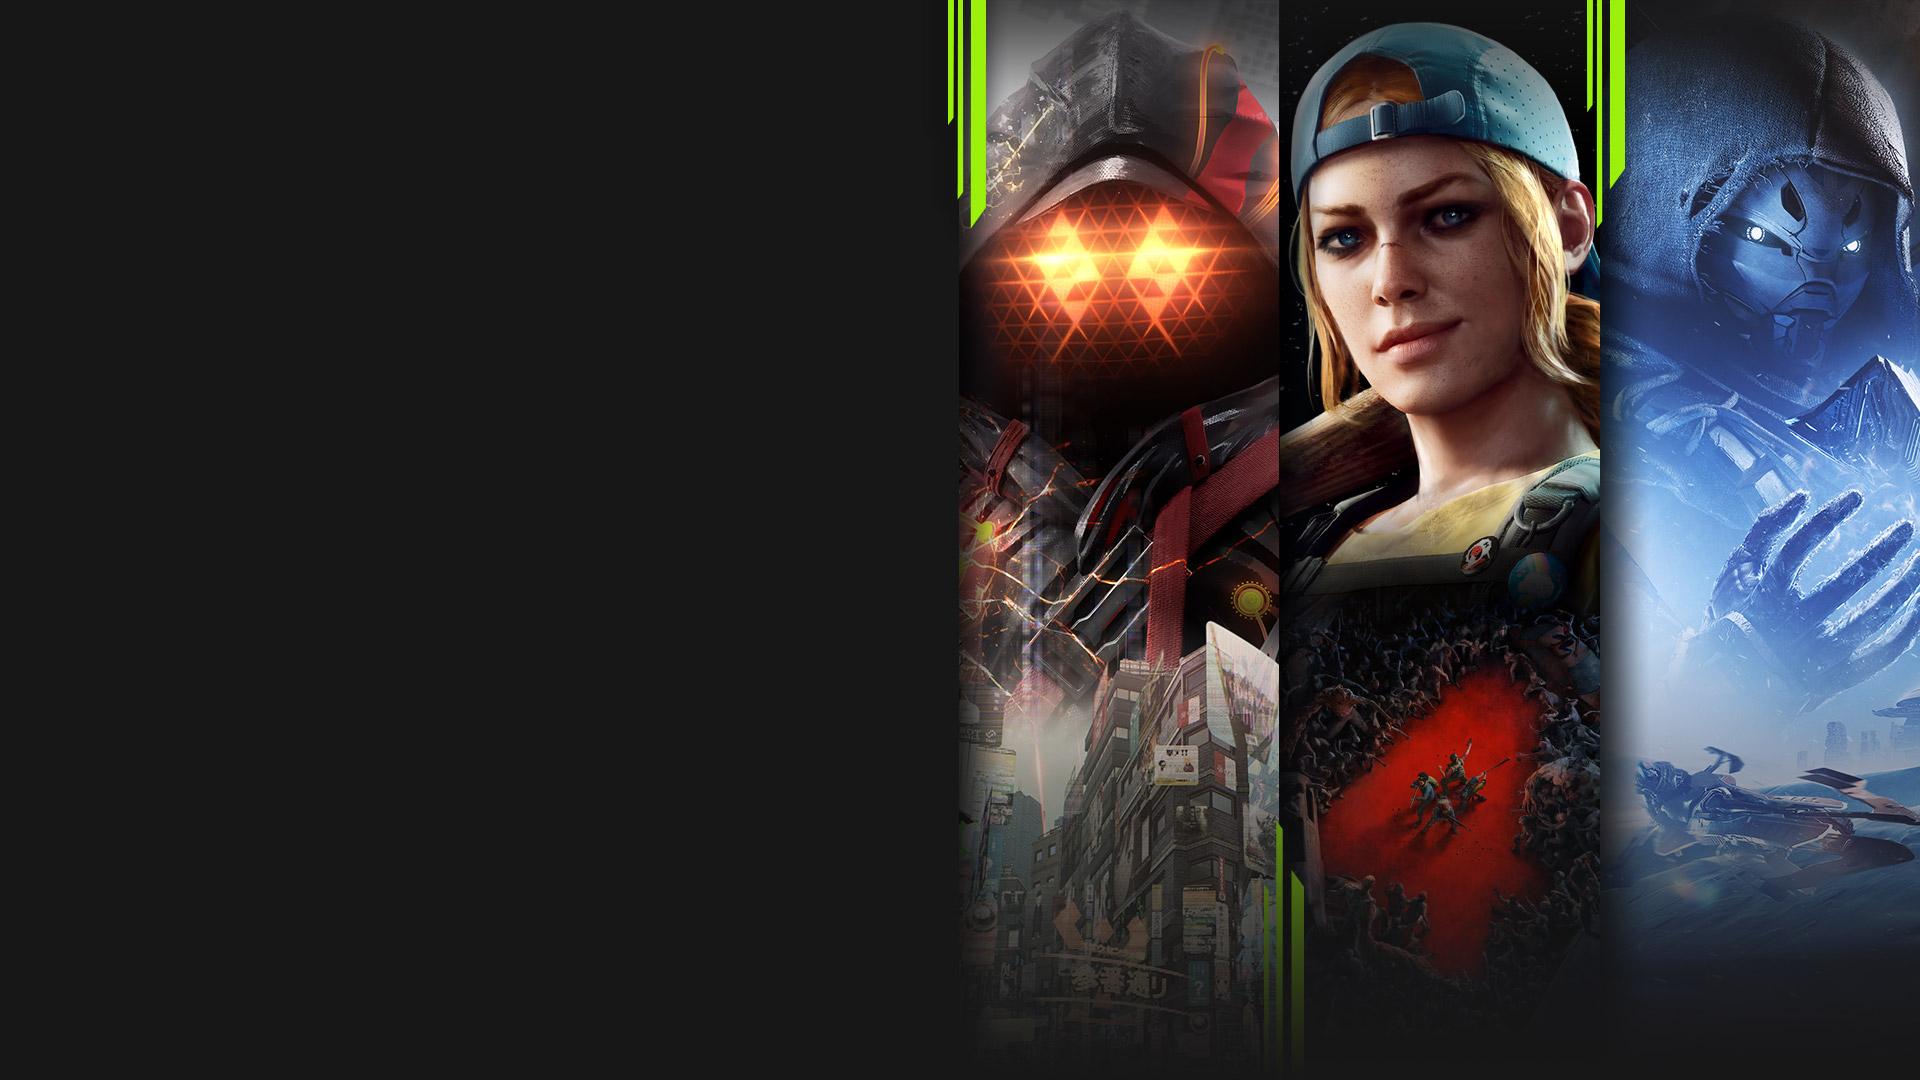 Grafika z viacerých hier dostupných na PC s predplatným Xbox Game Pass vrátane Scarlet Nexus, Back 4 Blood, Destiny 2 a Age of Empires IV.